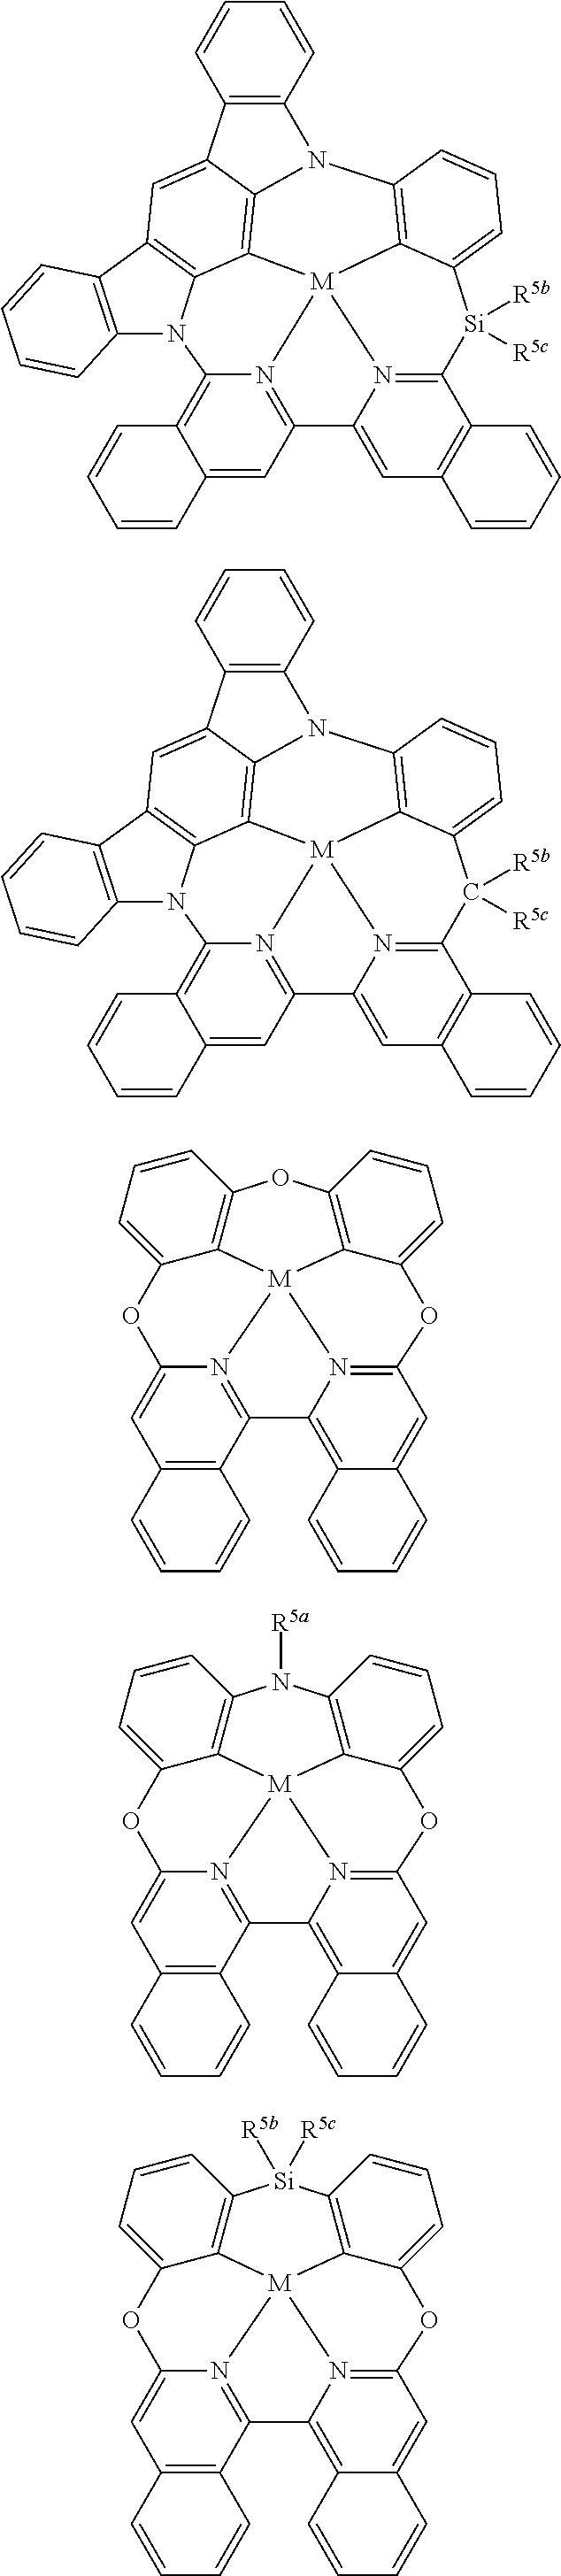 Figure US10158091-20181218-C00277